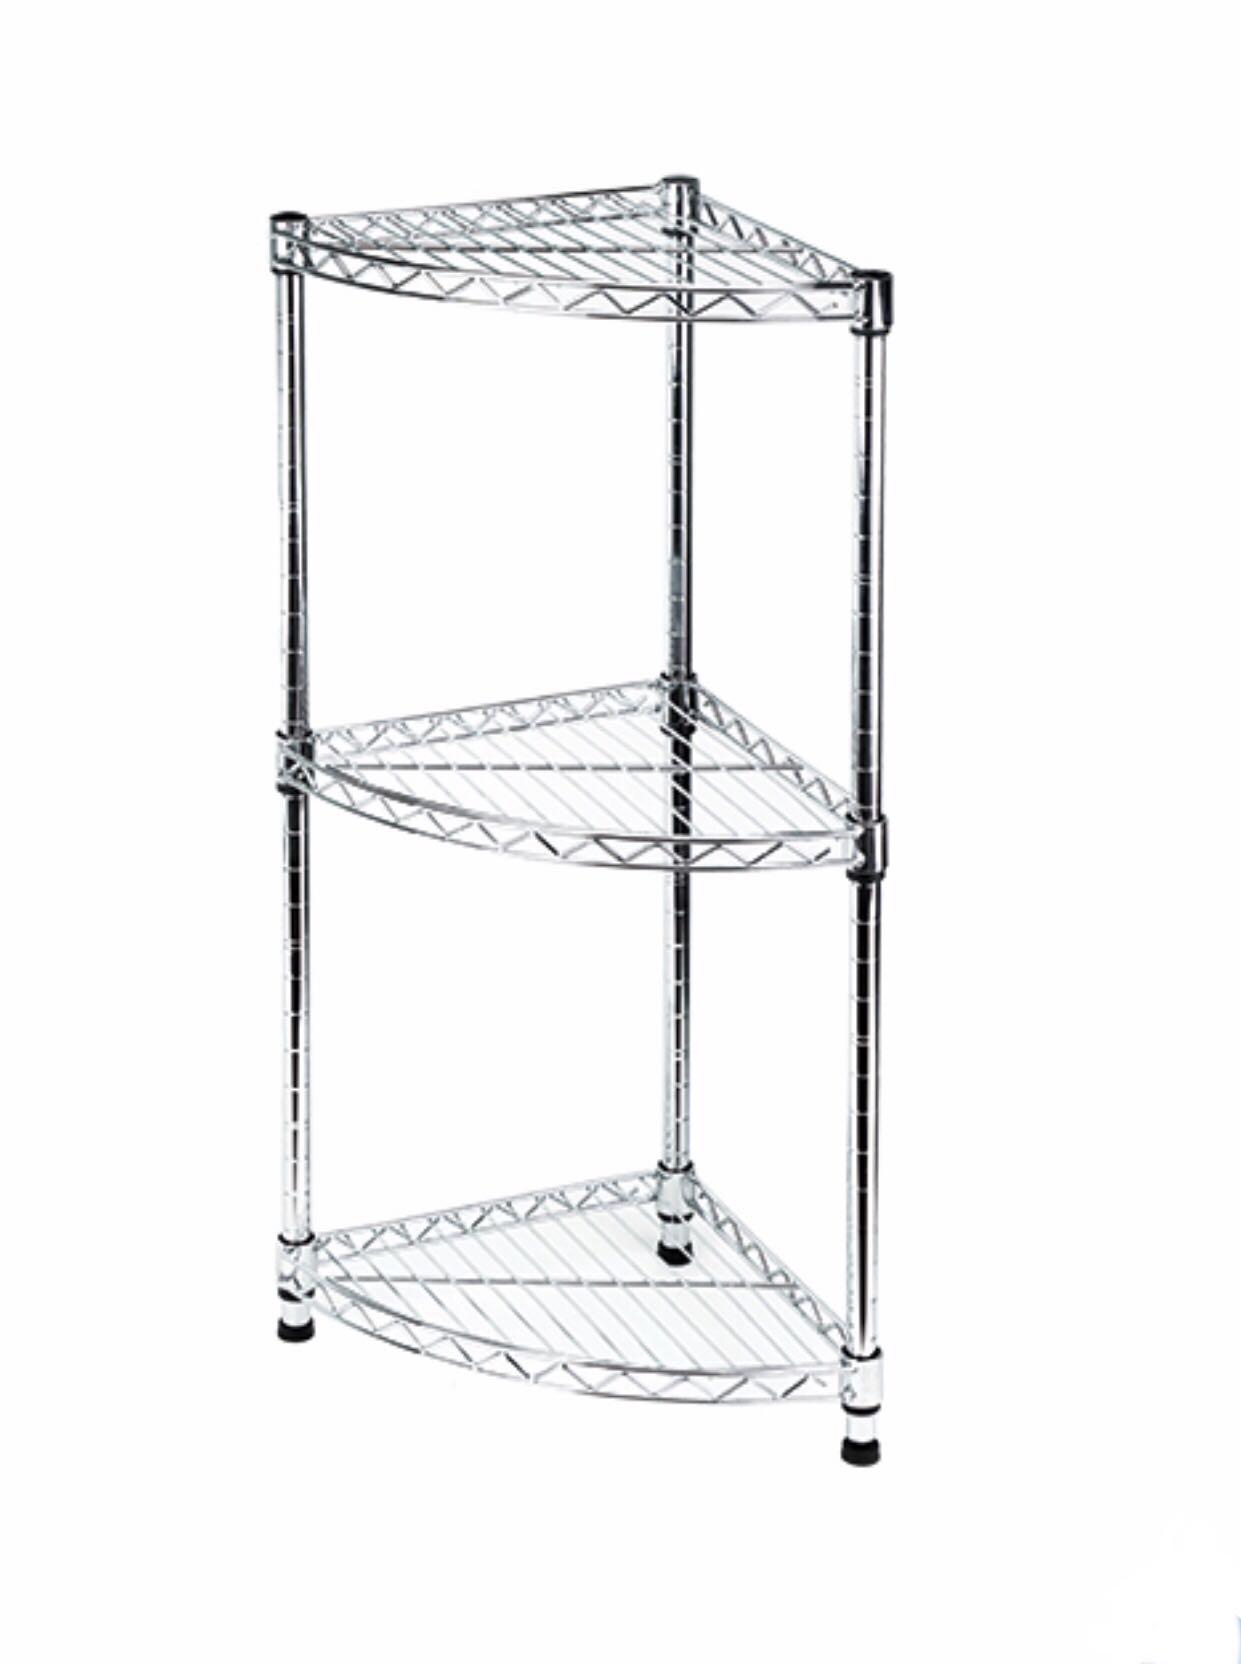 實惠 Pricerite MESH Corner Shelf 三角組合層架, 傢俬&家居, 傢俬 - Carousell